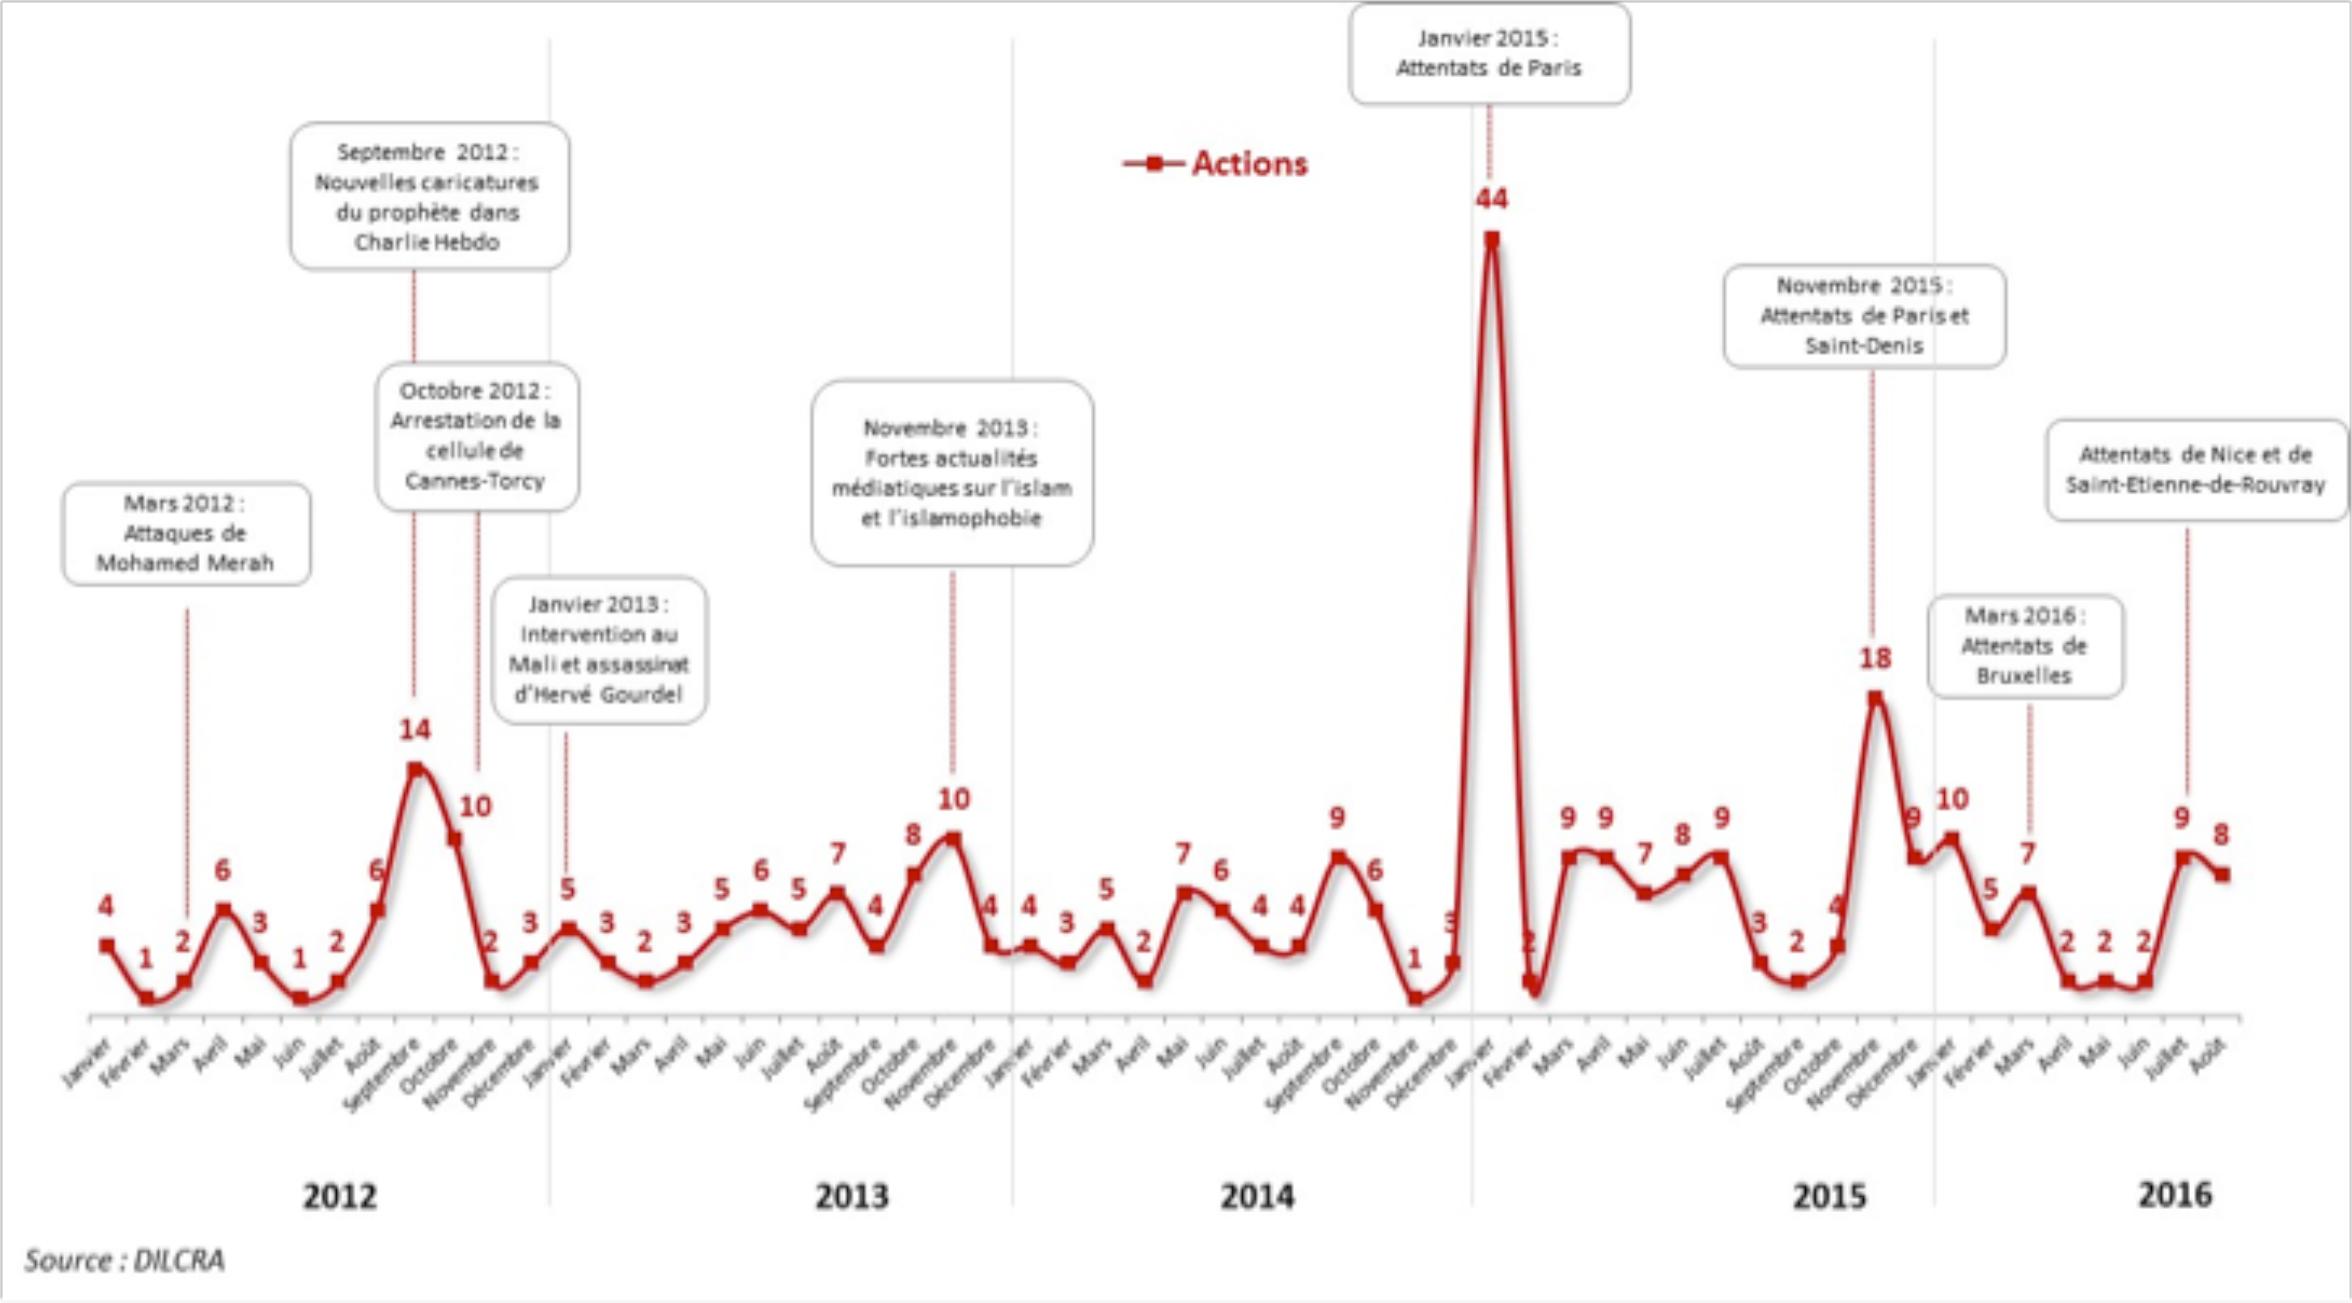 Evolution du nombre des actes anti-musulmans entre 2012 et 2016